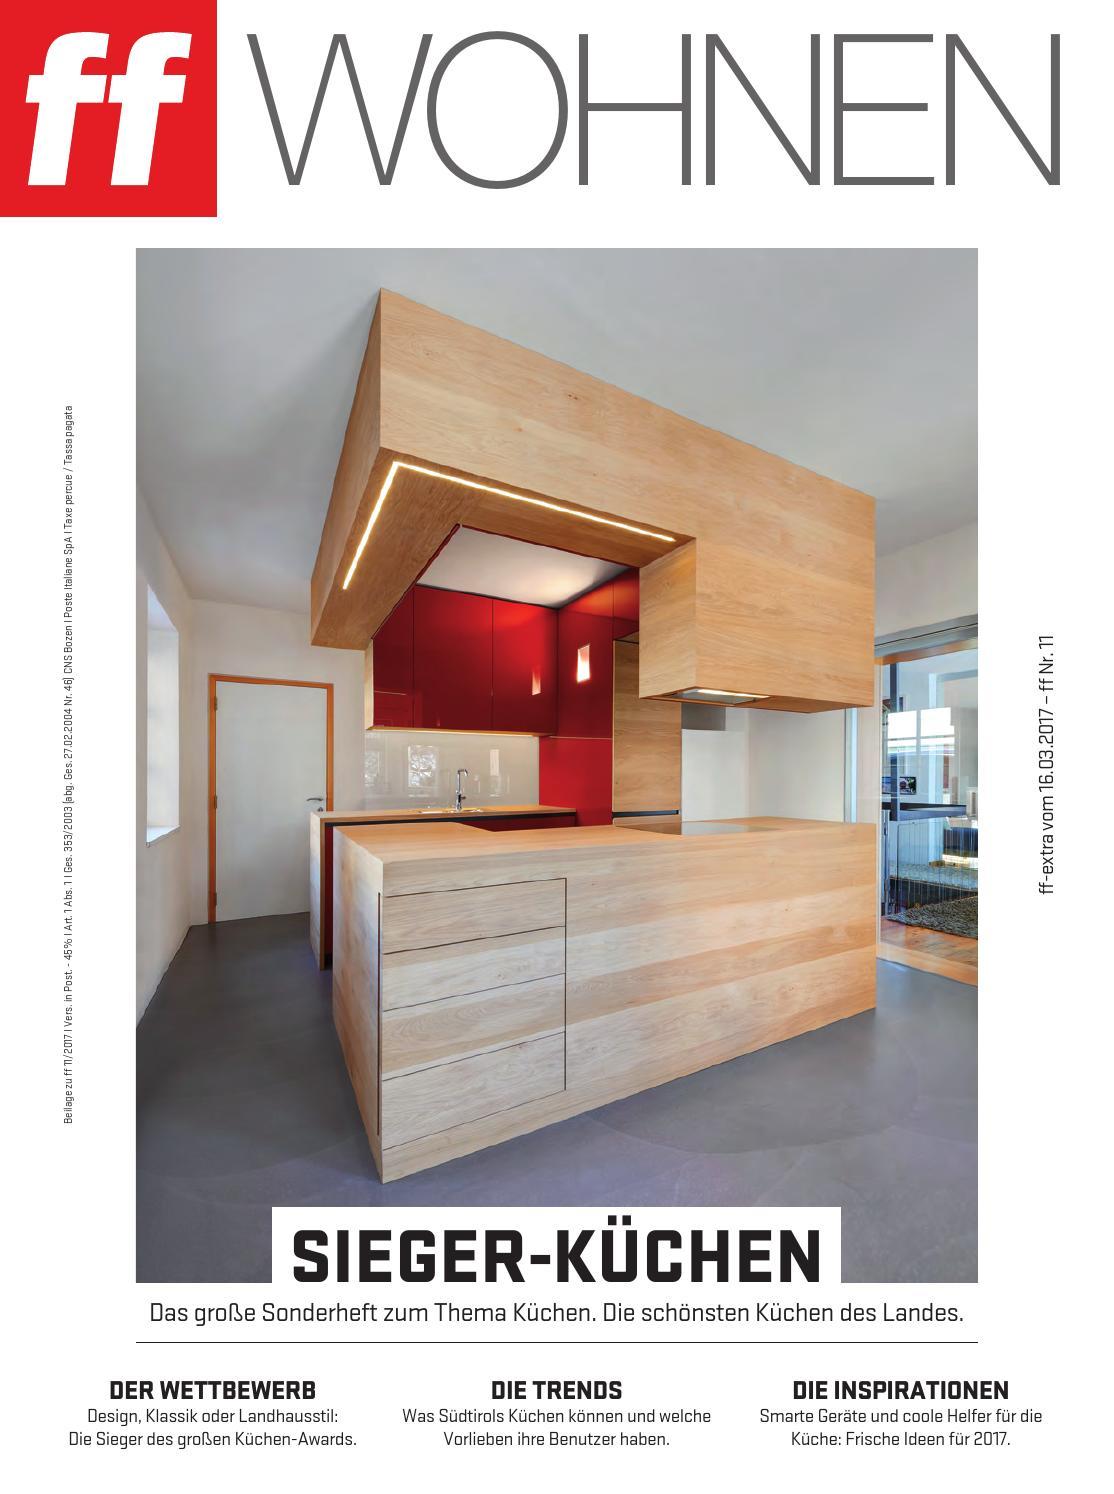 ff Extra Wohnen 11-2017 by FF-Media GmbH - issuu